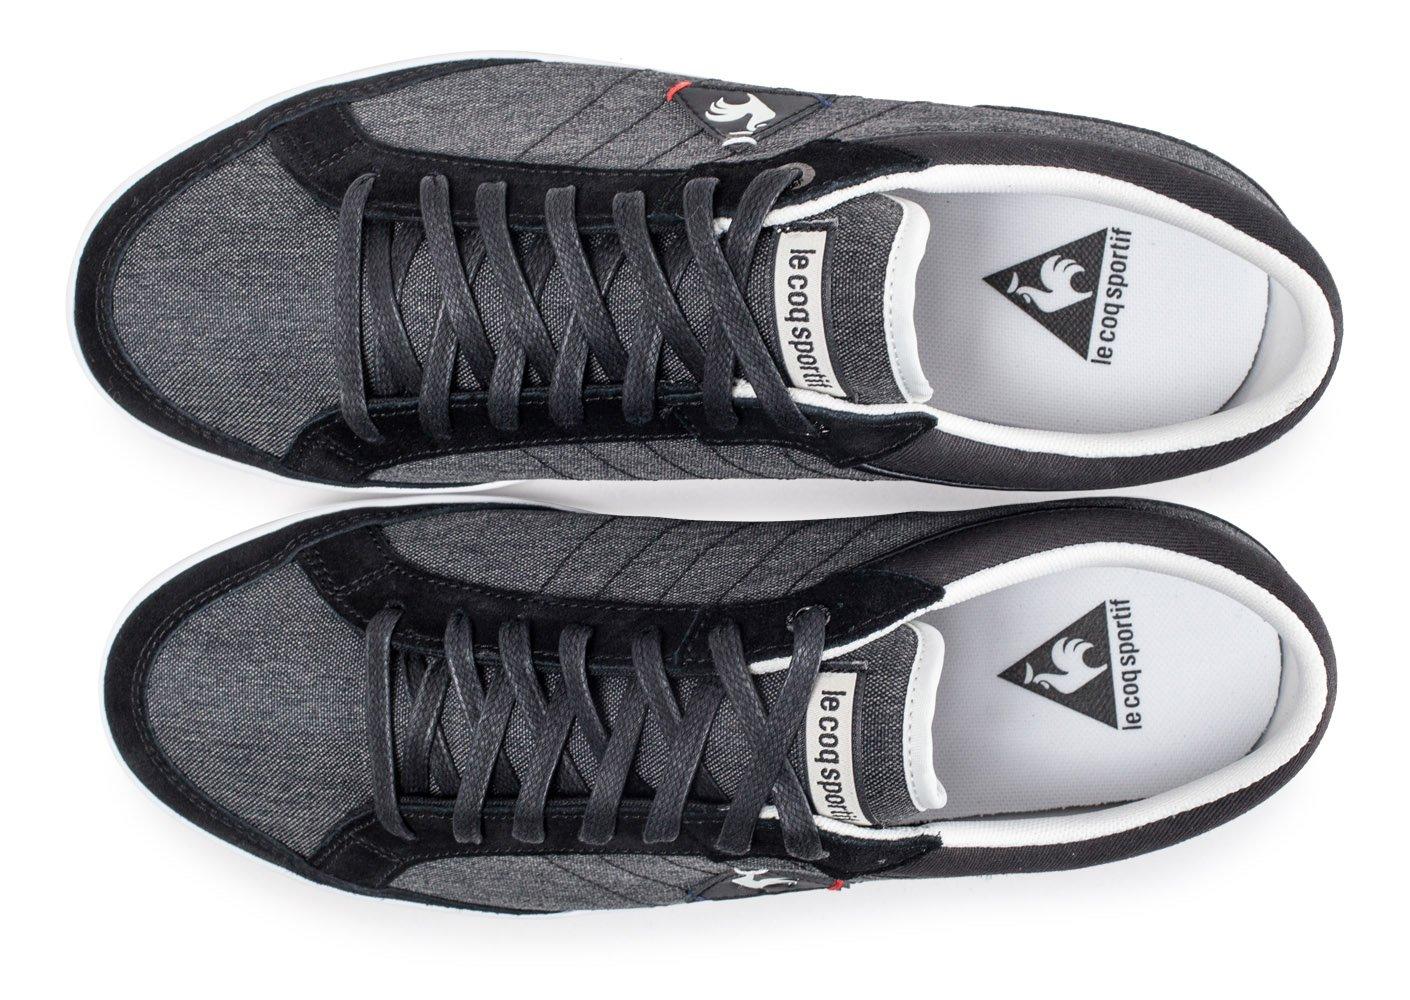 Amazon Le Coq Sportif Feretcraft Pelle 2 Neri shoes Tones R3qALj54